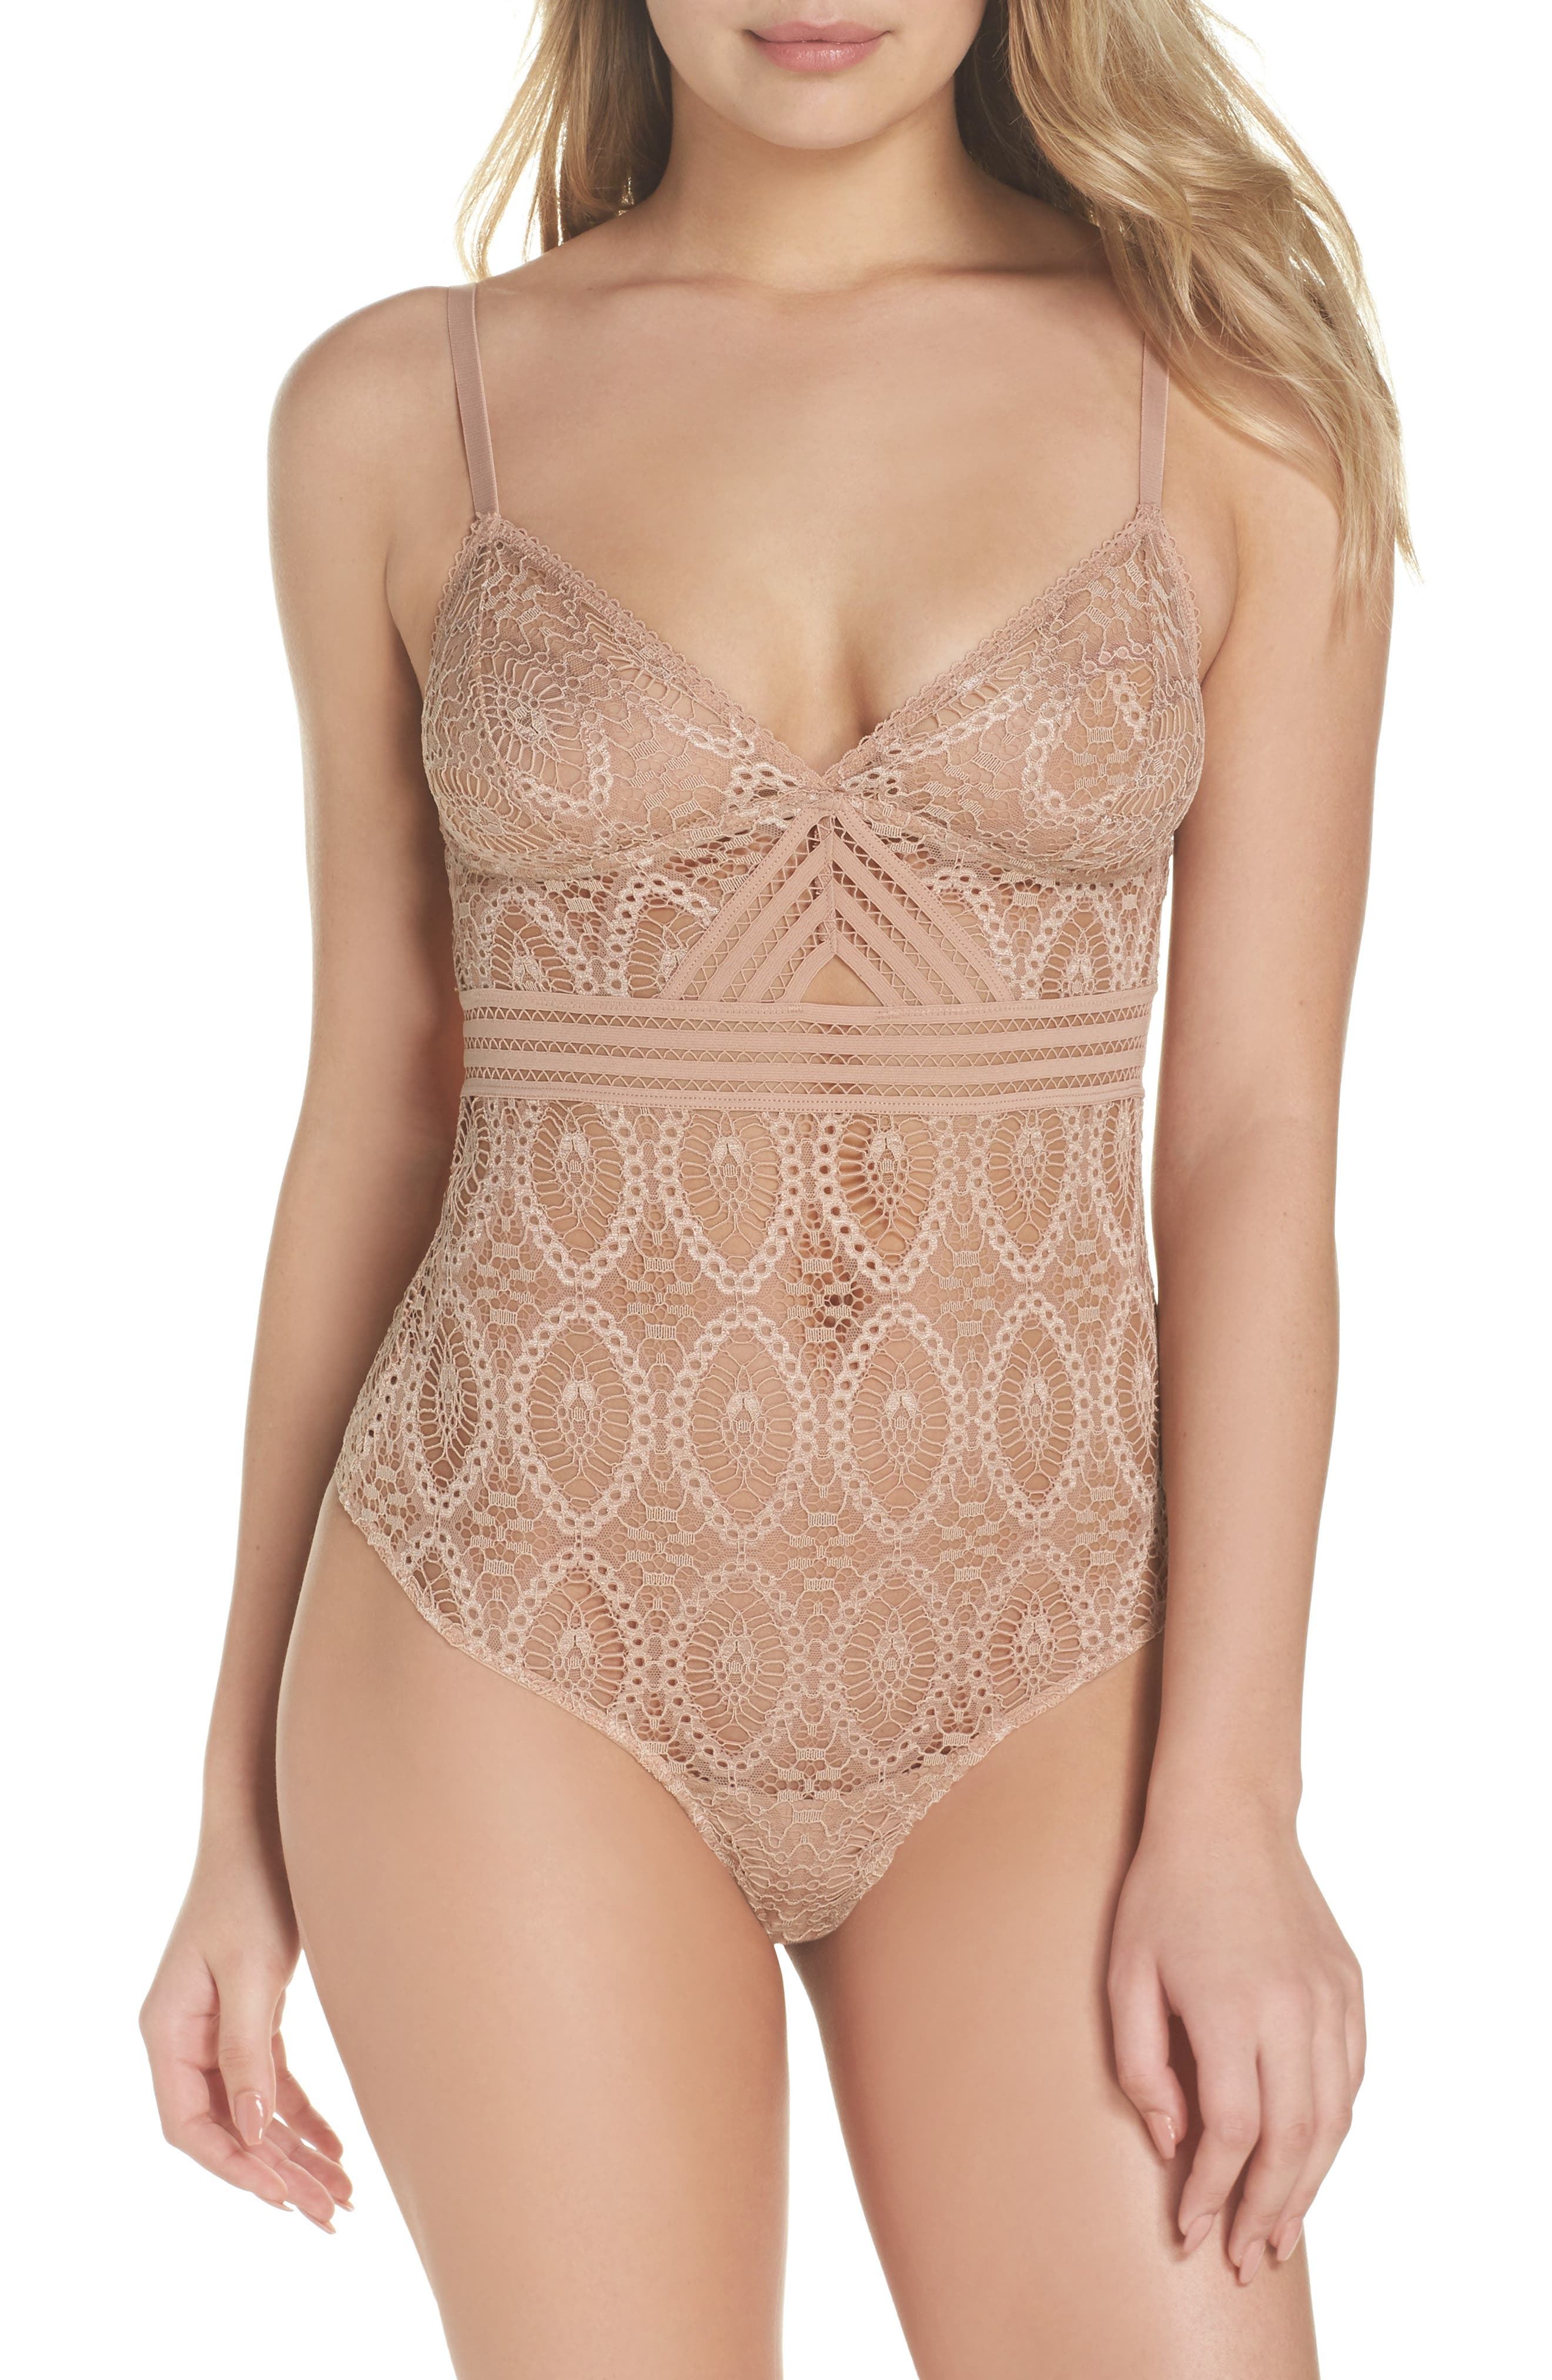 ELSE Baroque Lace Thong Bodysuit